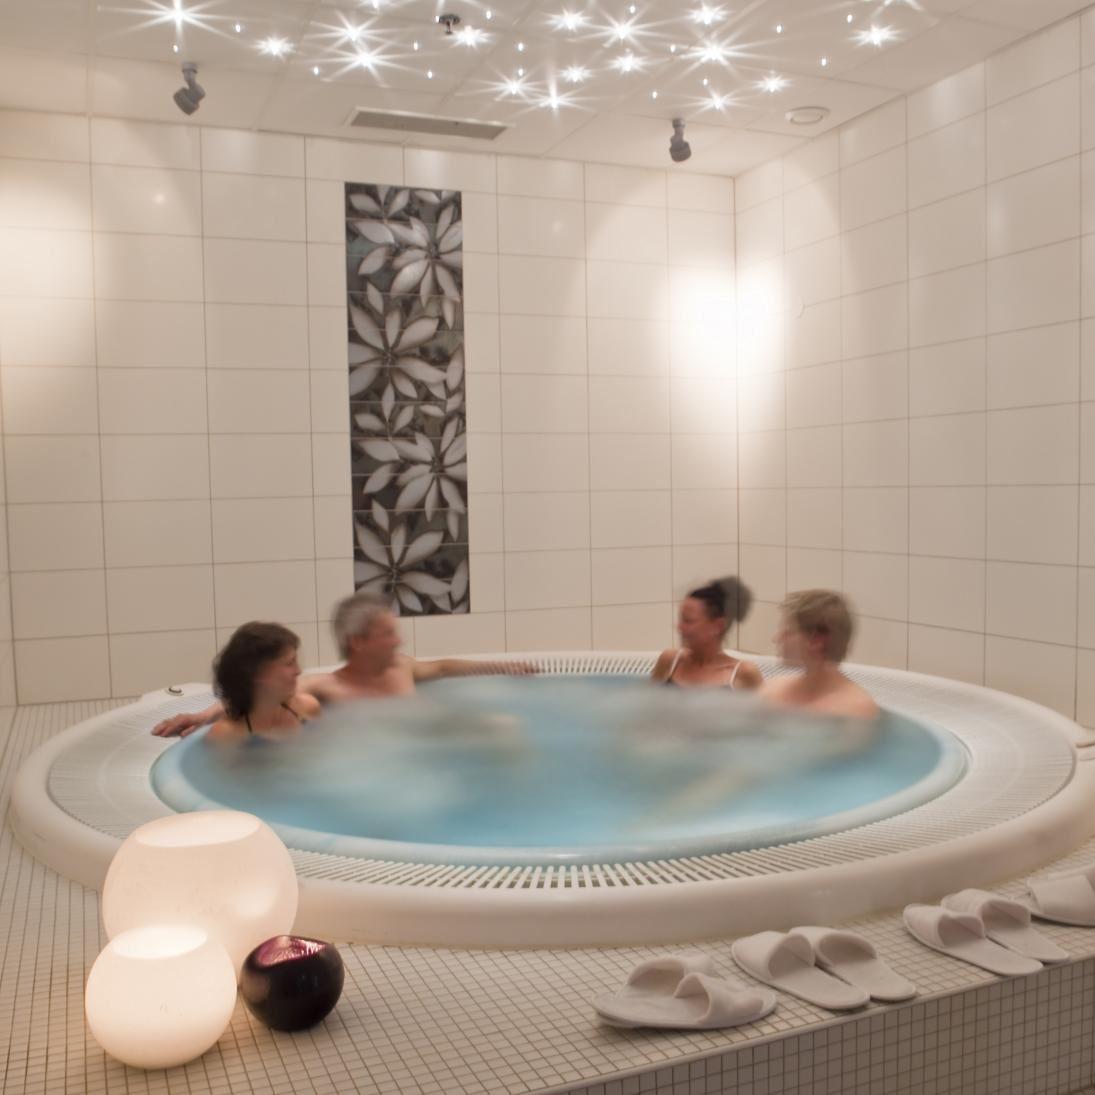 The Spa Resort Mösseberg, Falköping